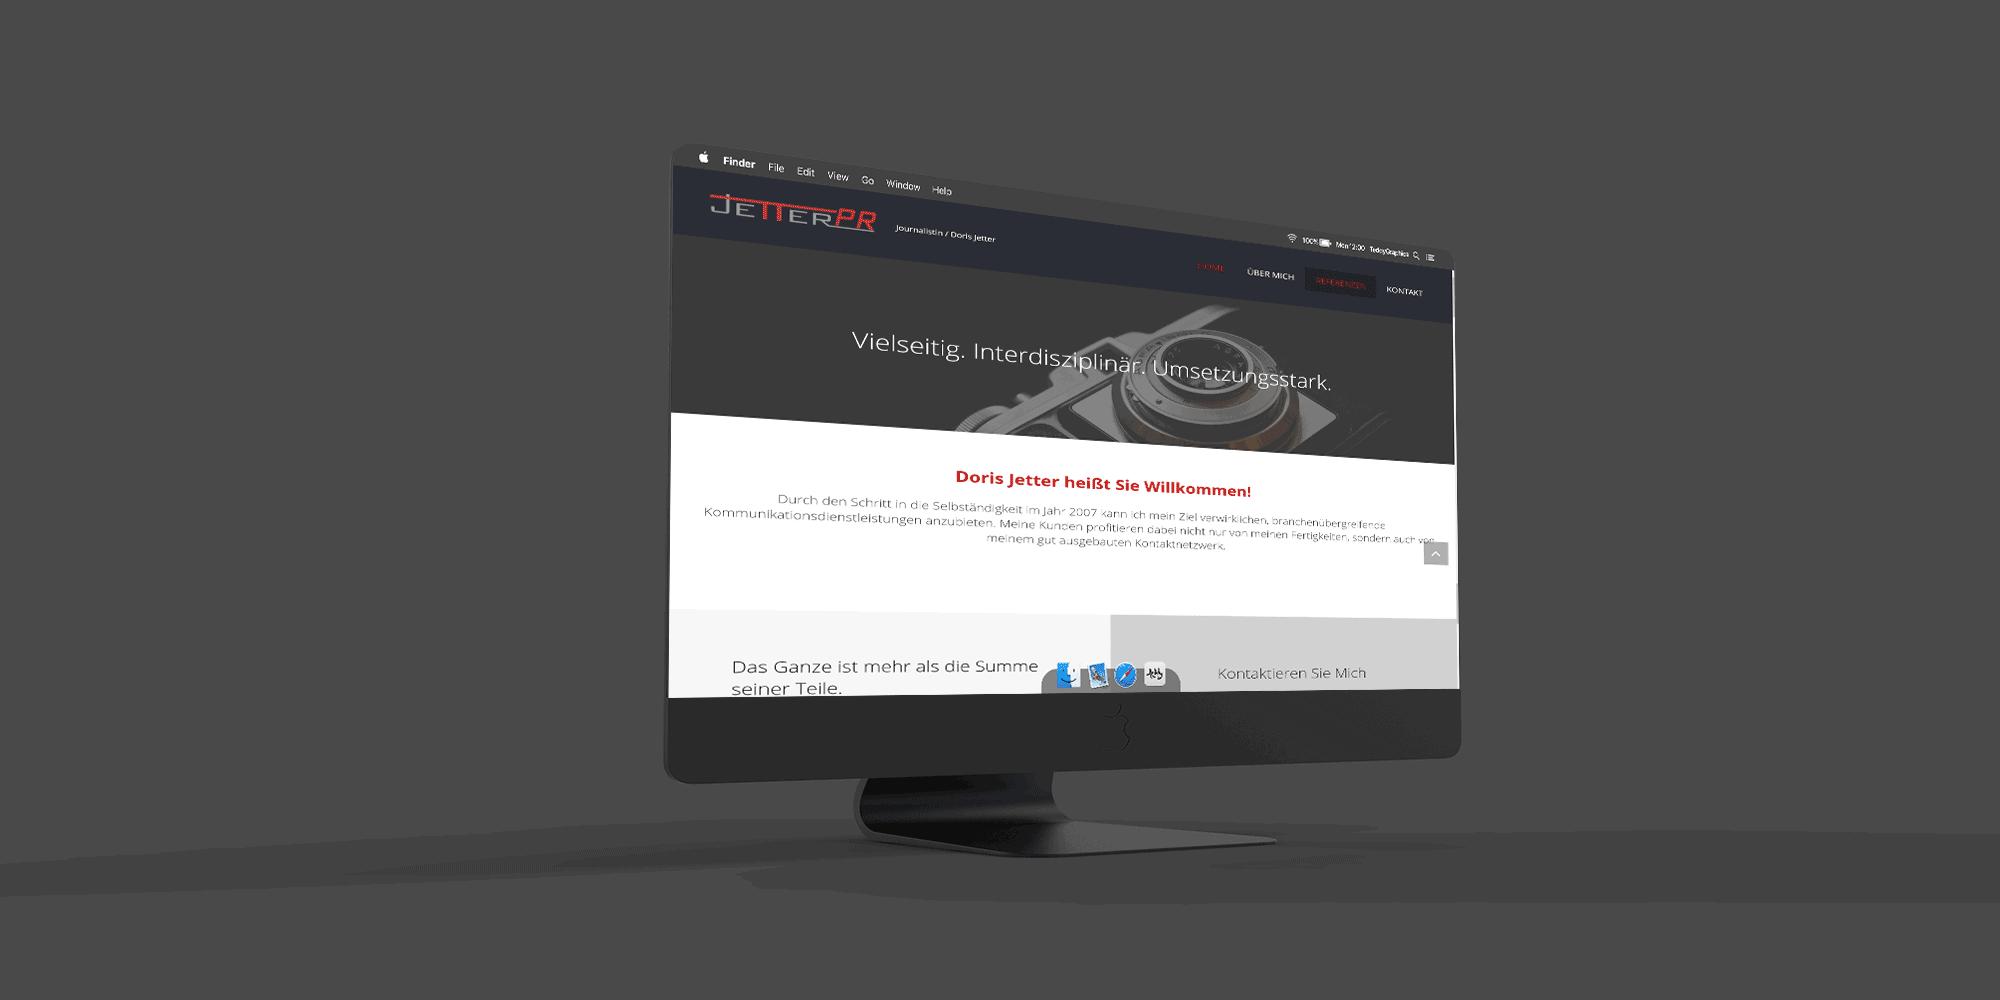 vorschau-JetterPR-kirchheim-redakteur-liebespixel-webdesign-media-print-grafik